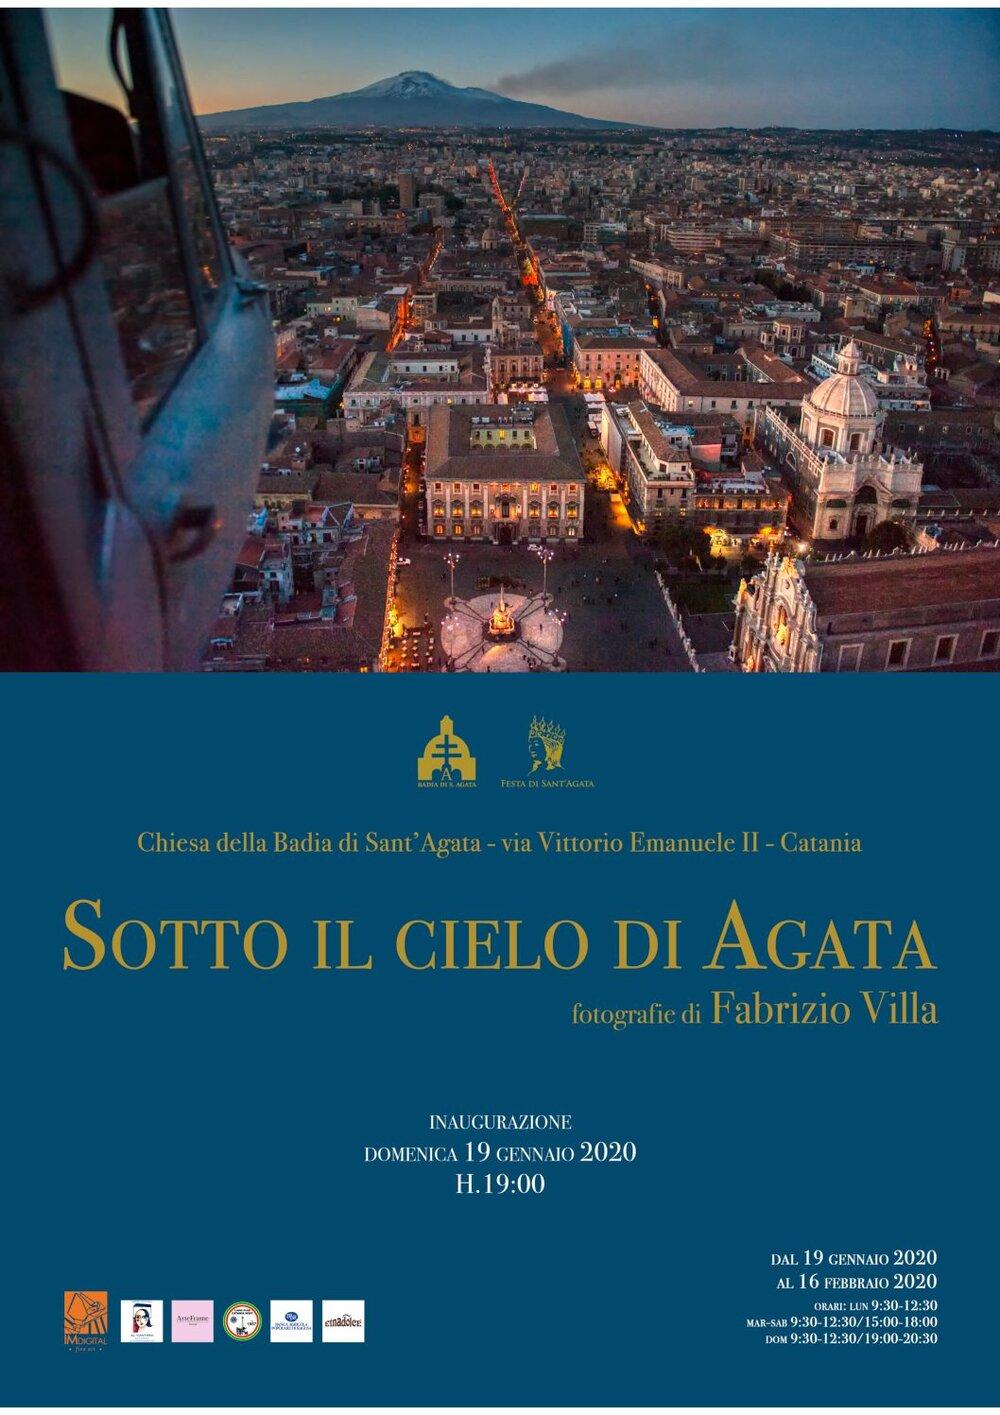 Lavoro Assistente Fotografo Catania eventi degni di nota - notabilis